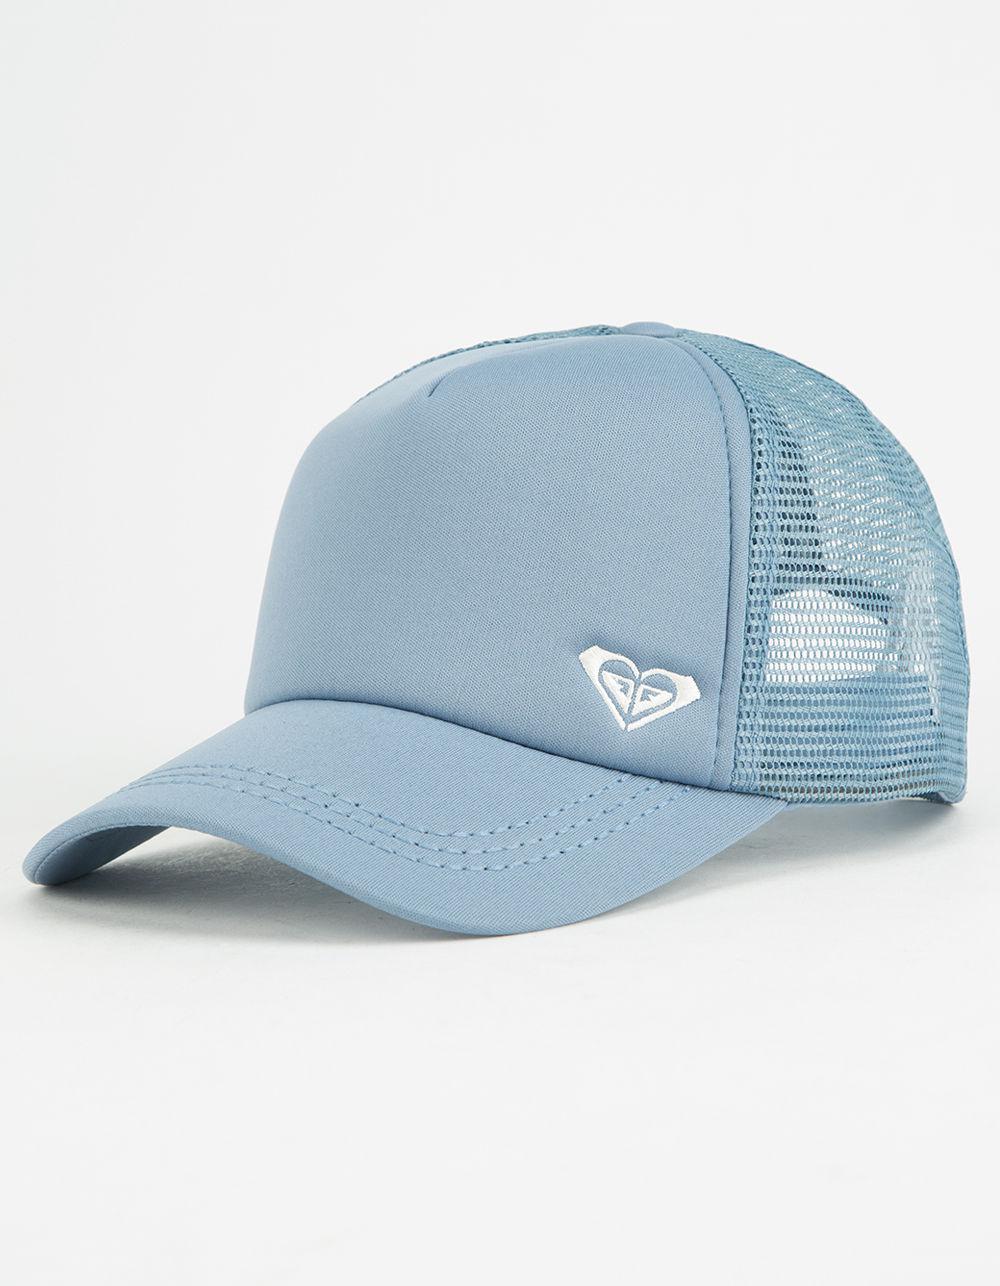 43fea89564a Lyst - Roxy Finishline Blue Womens Trucker Hat in Blue for Men